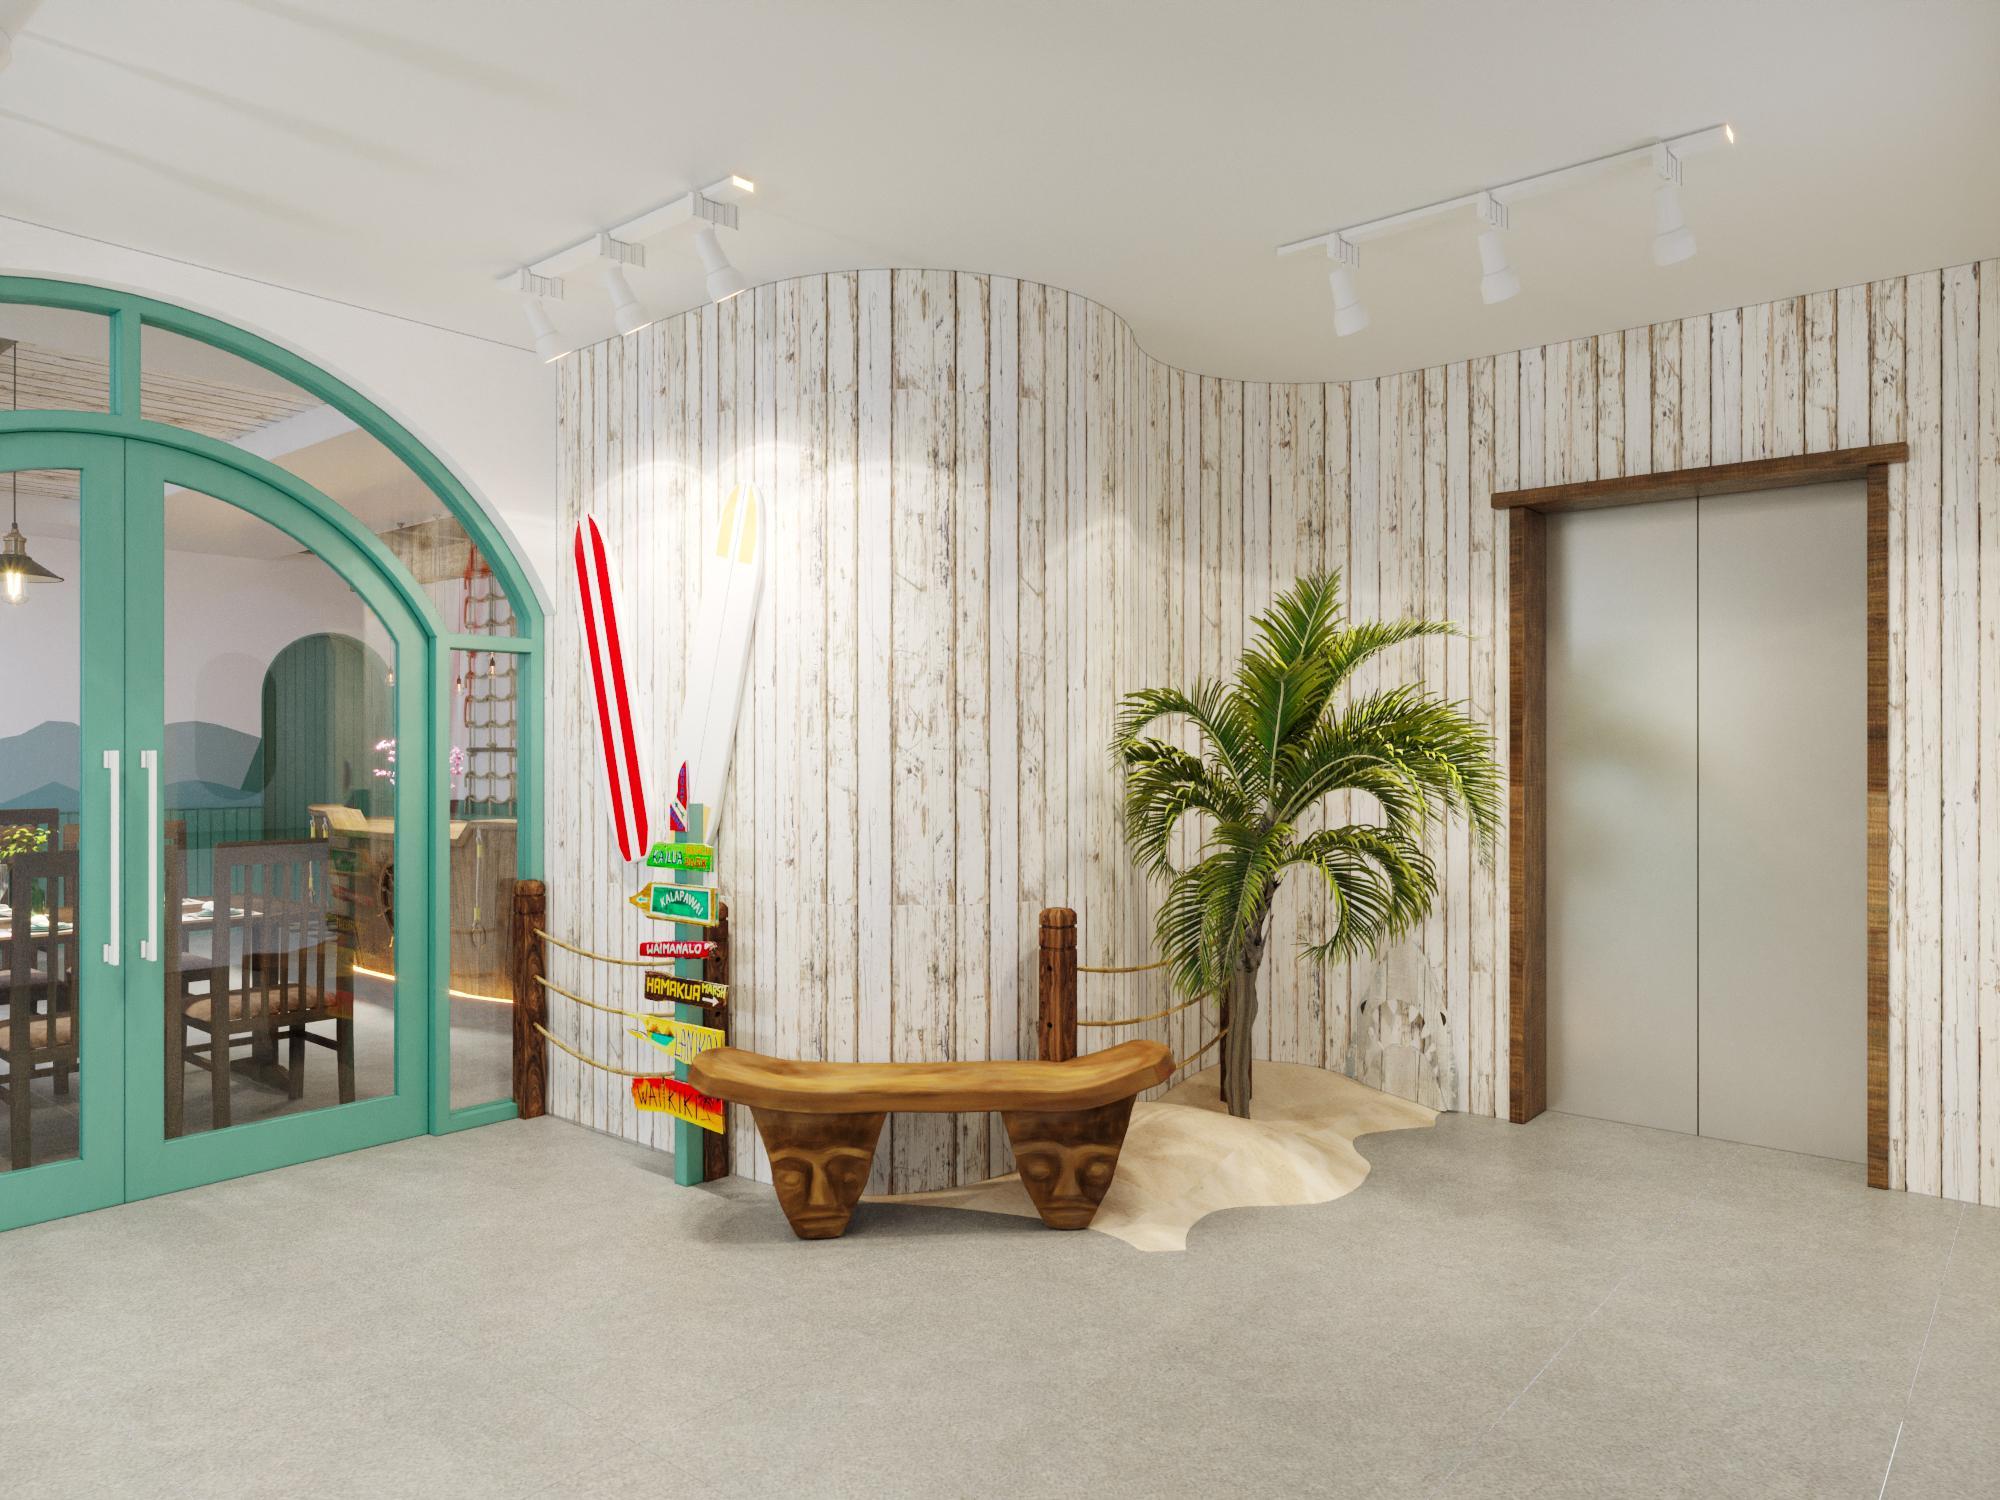 Thiết kế nội thất Nhà Hàng tại Hà Nội NHÀ HÀNG THẾ GIỚI HẢI SẢN 1590724252 11